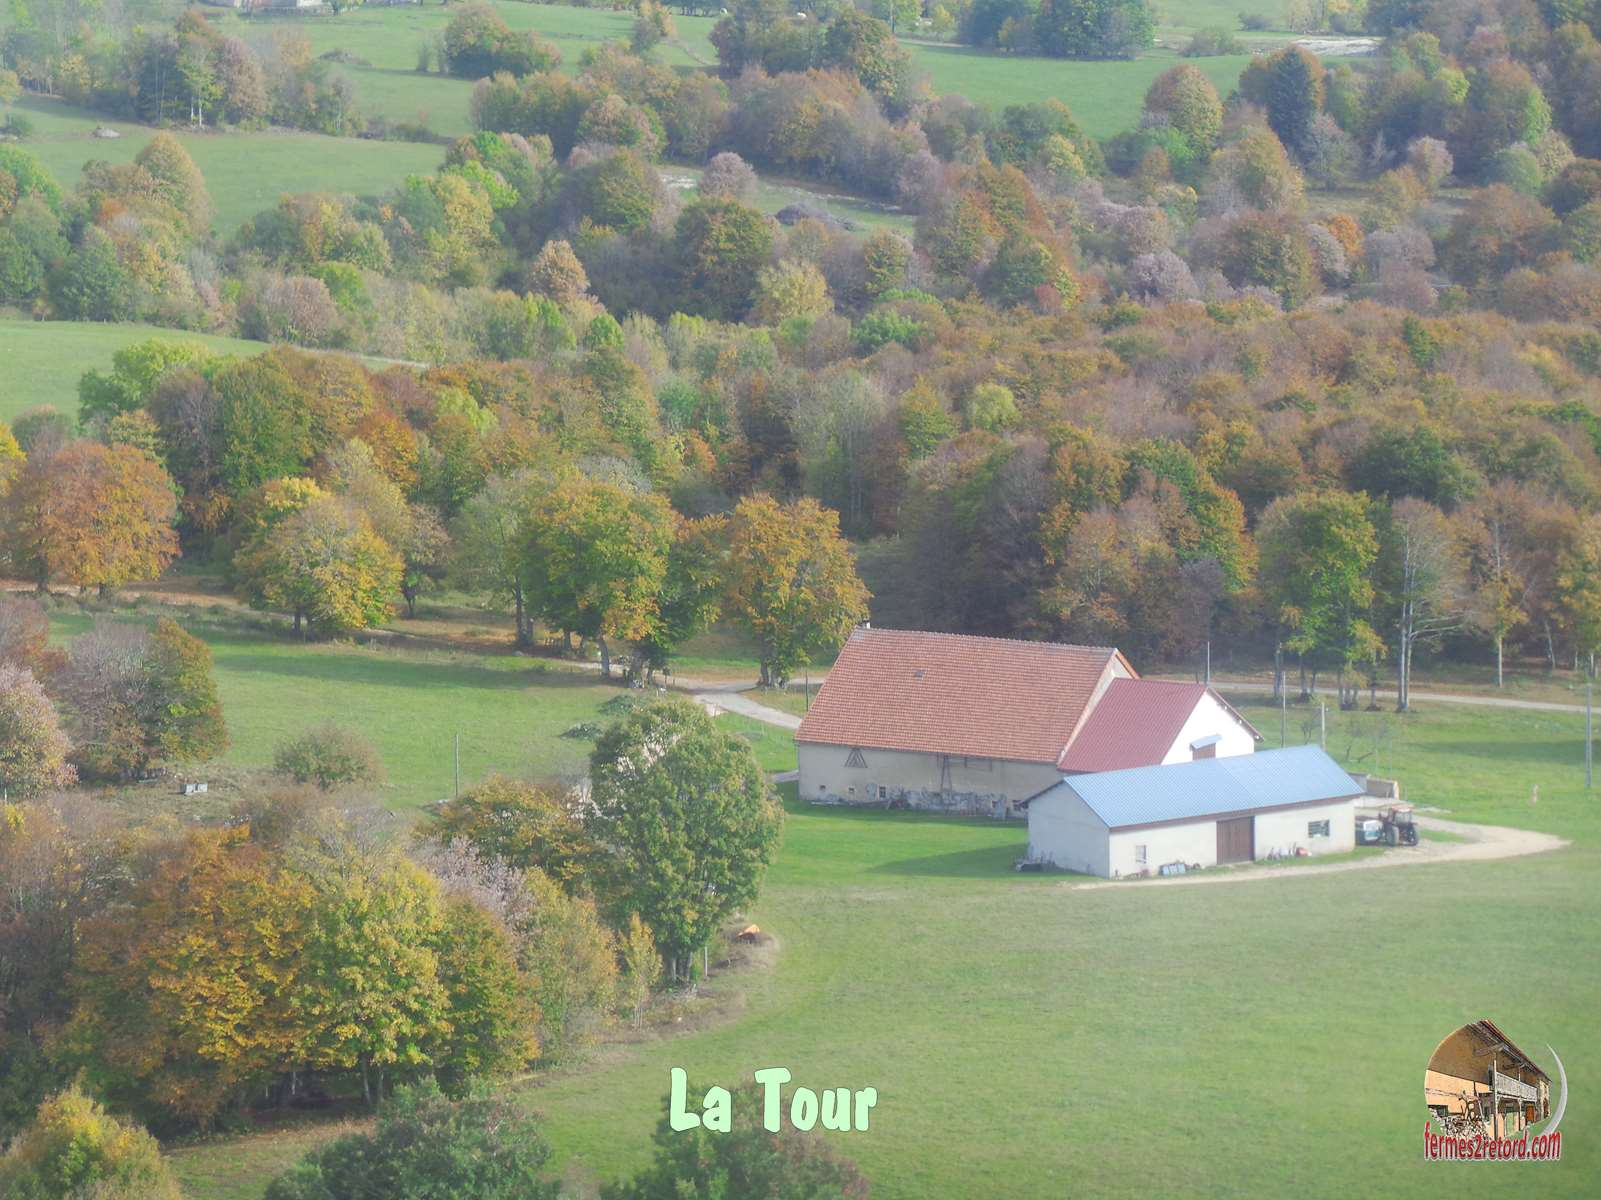 La Tour2.jpg